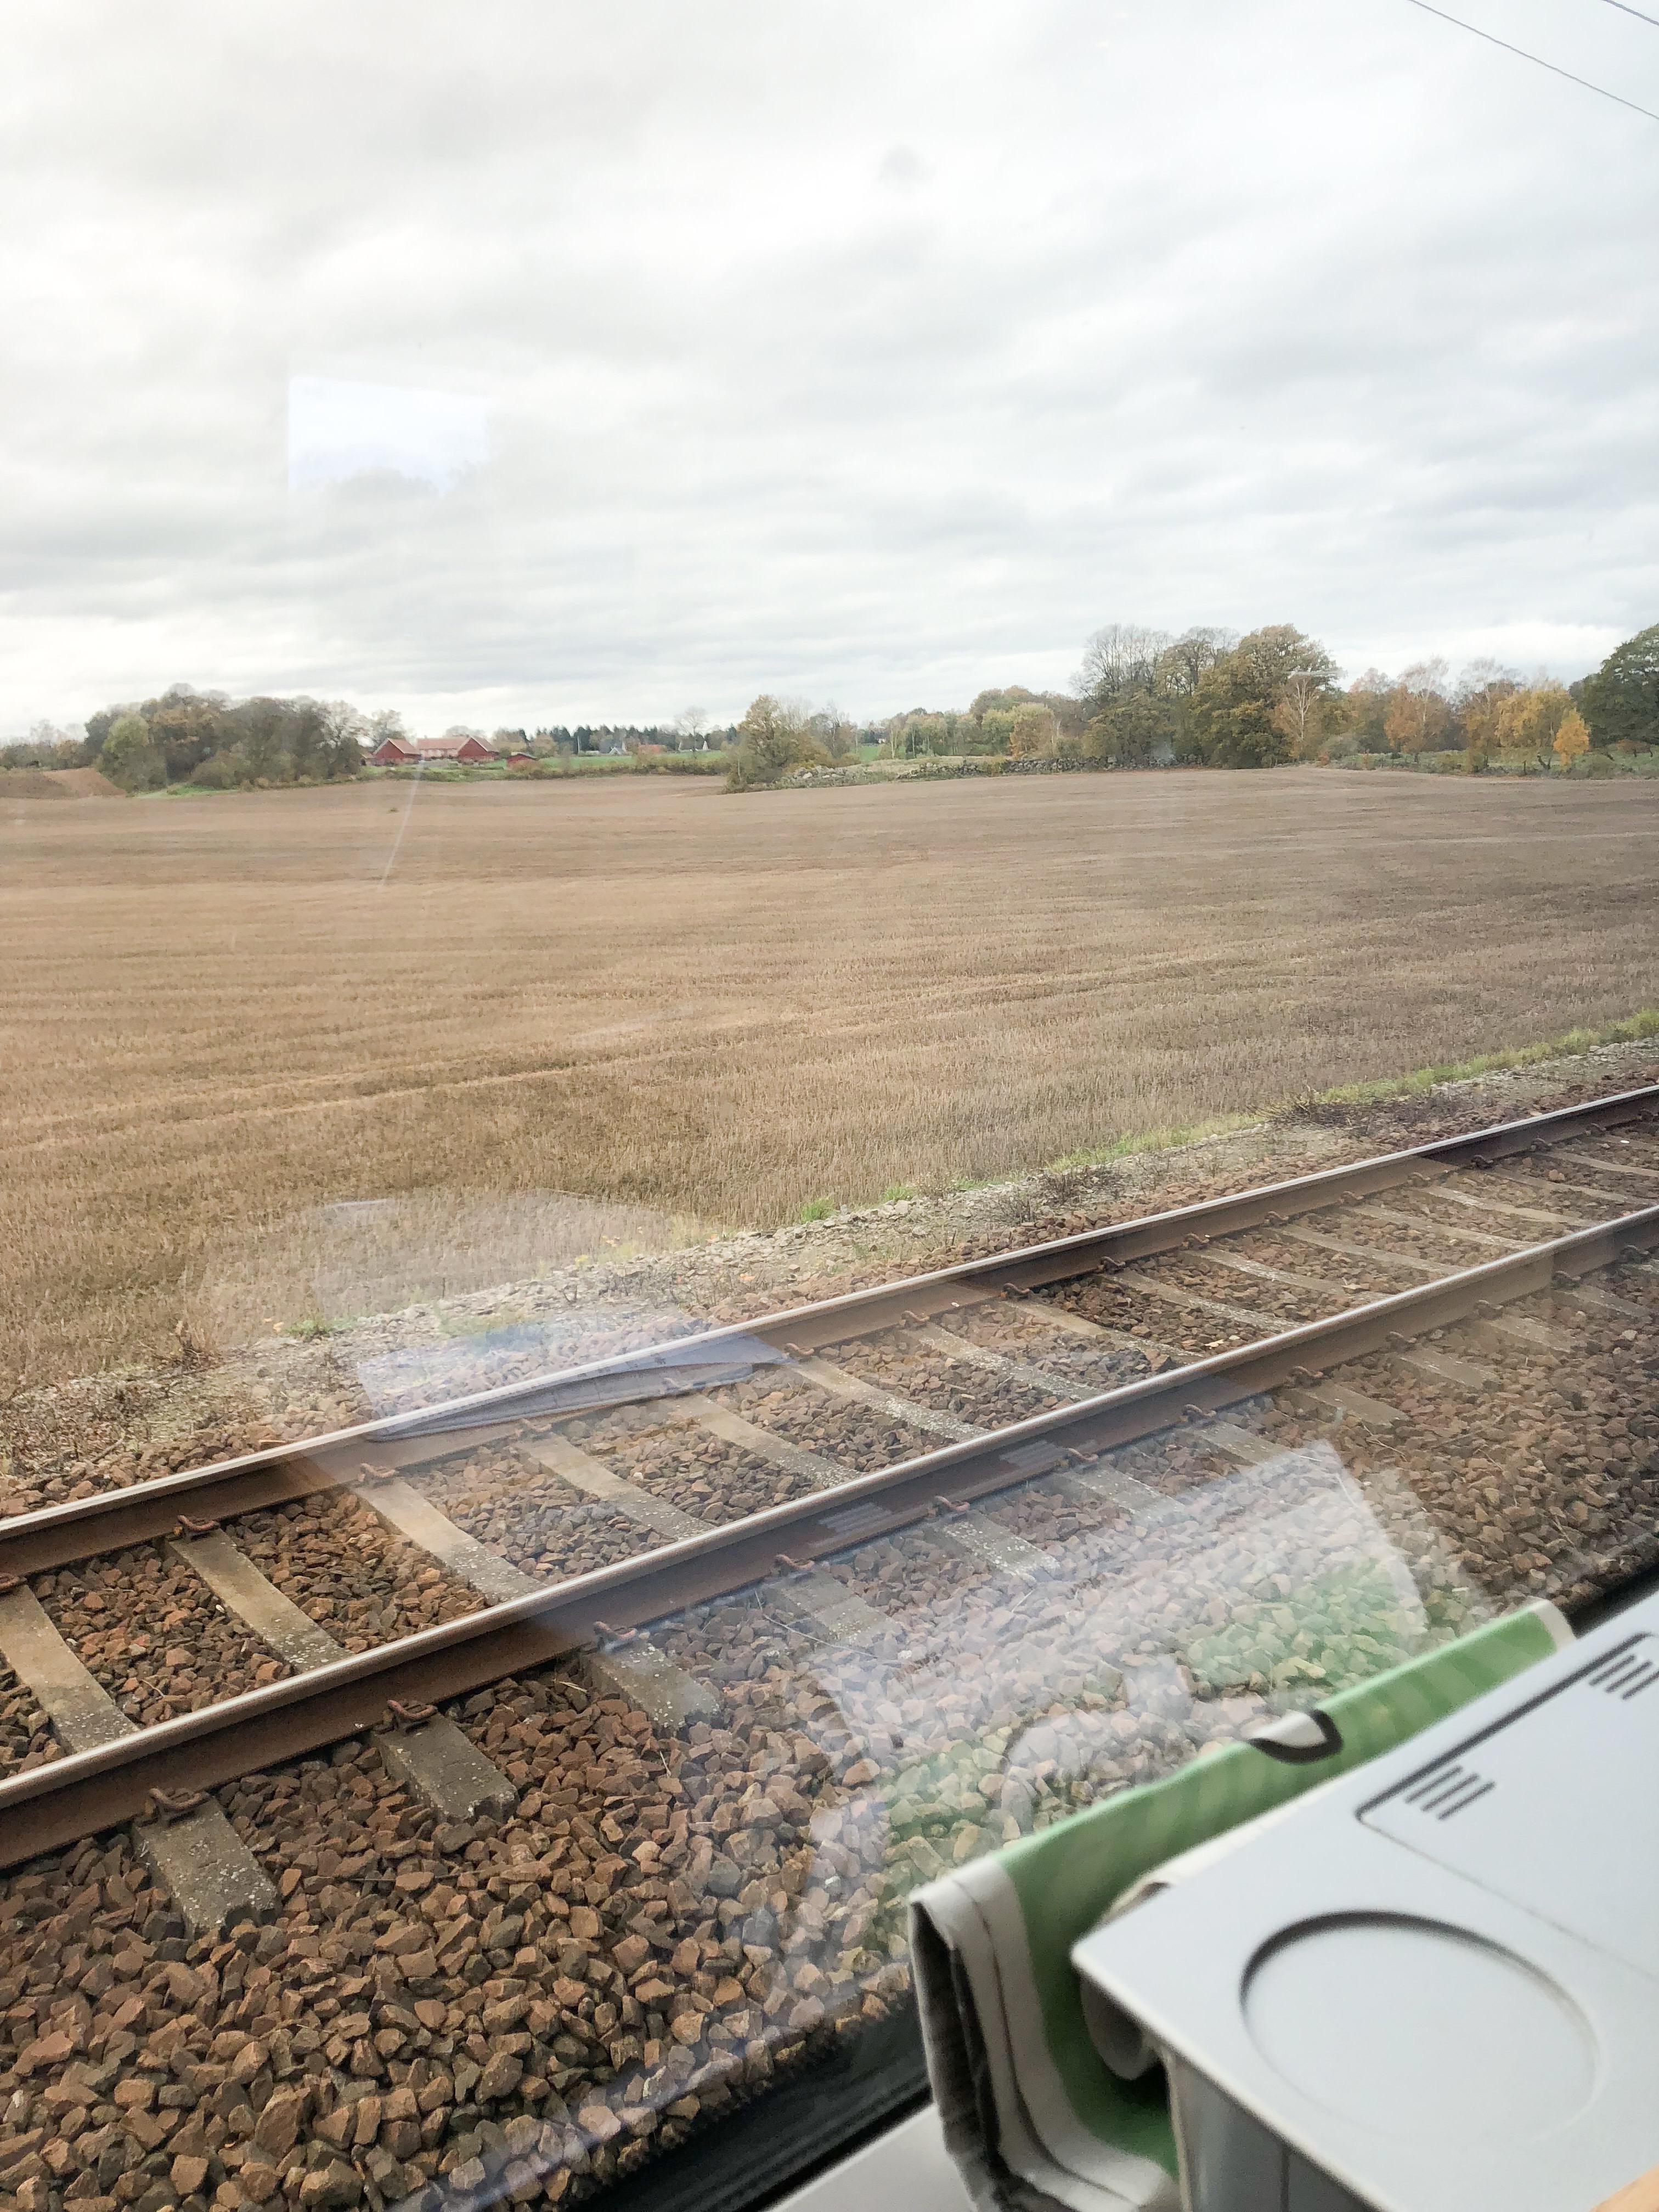 Det är inte lätt att åka tåg